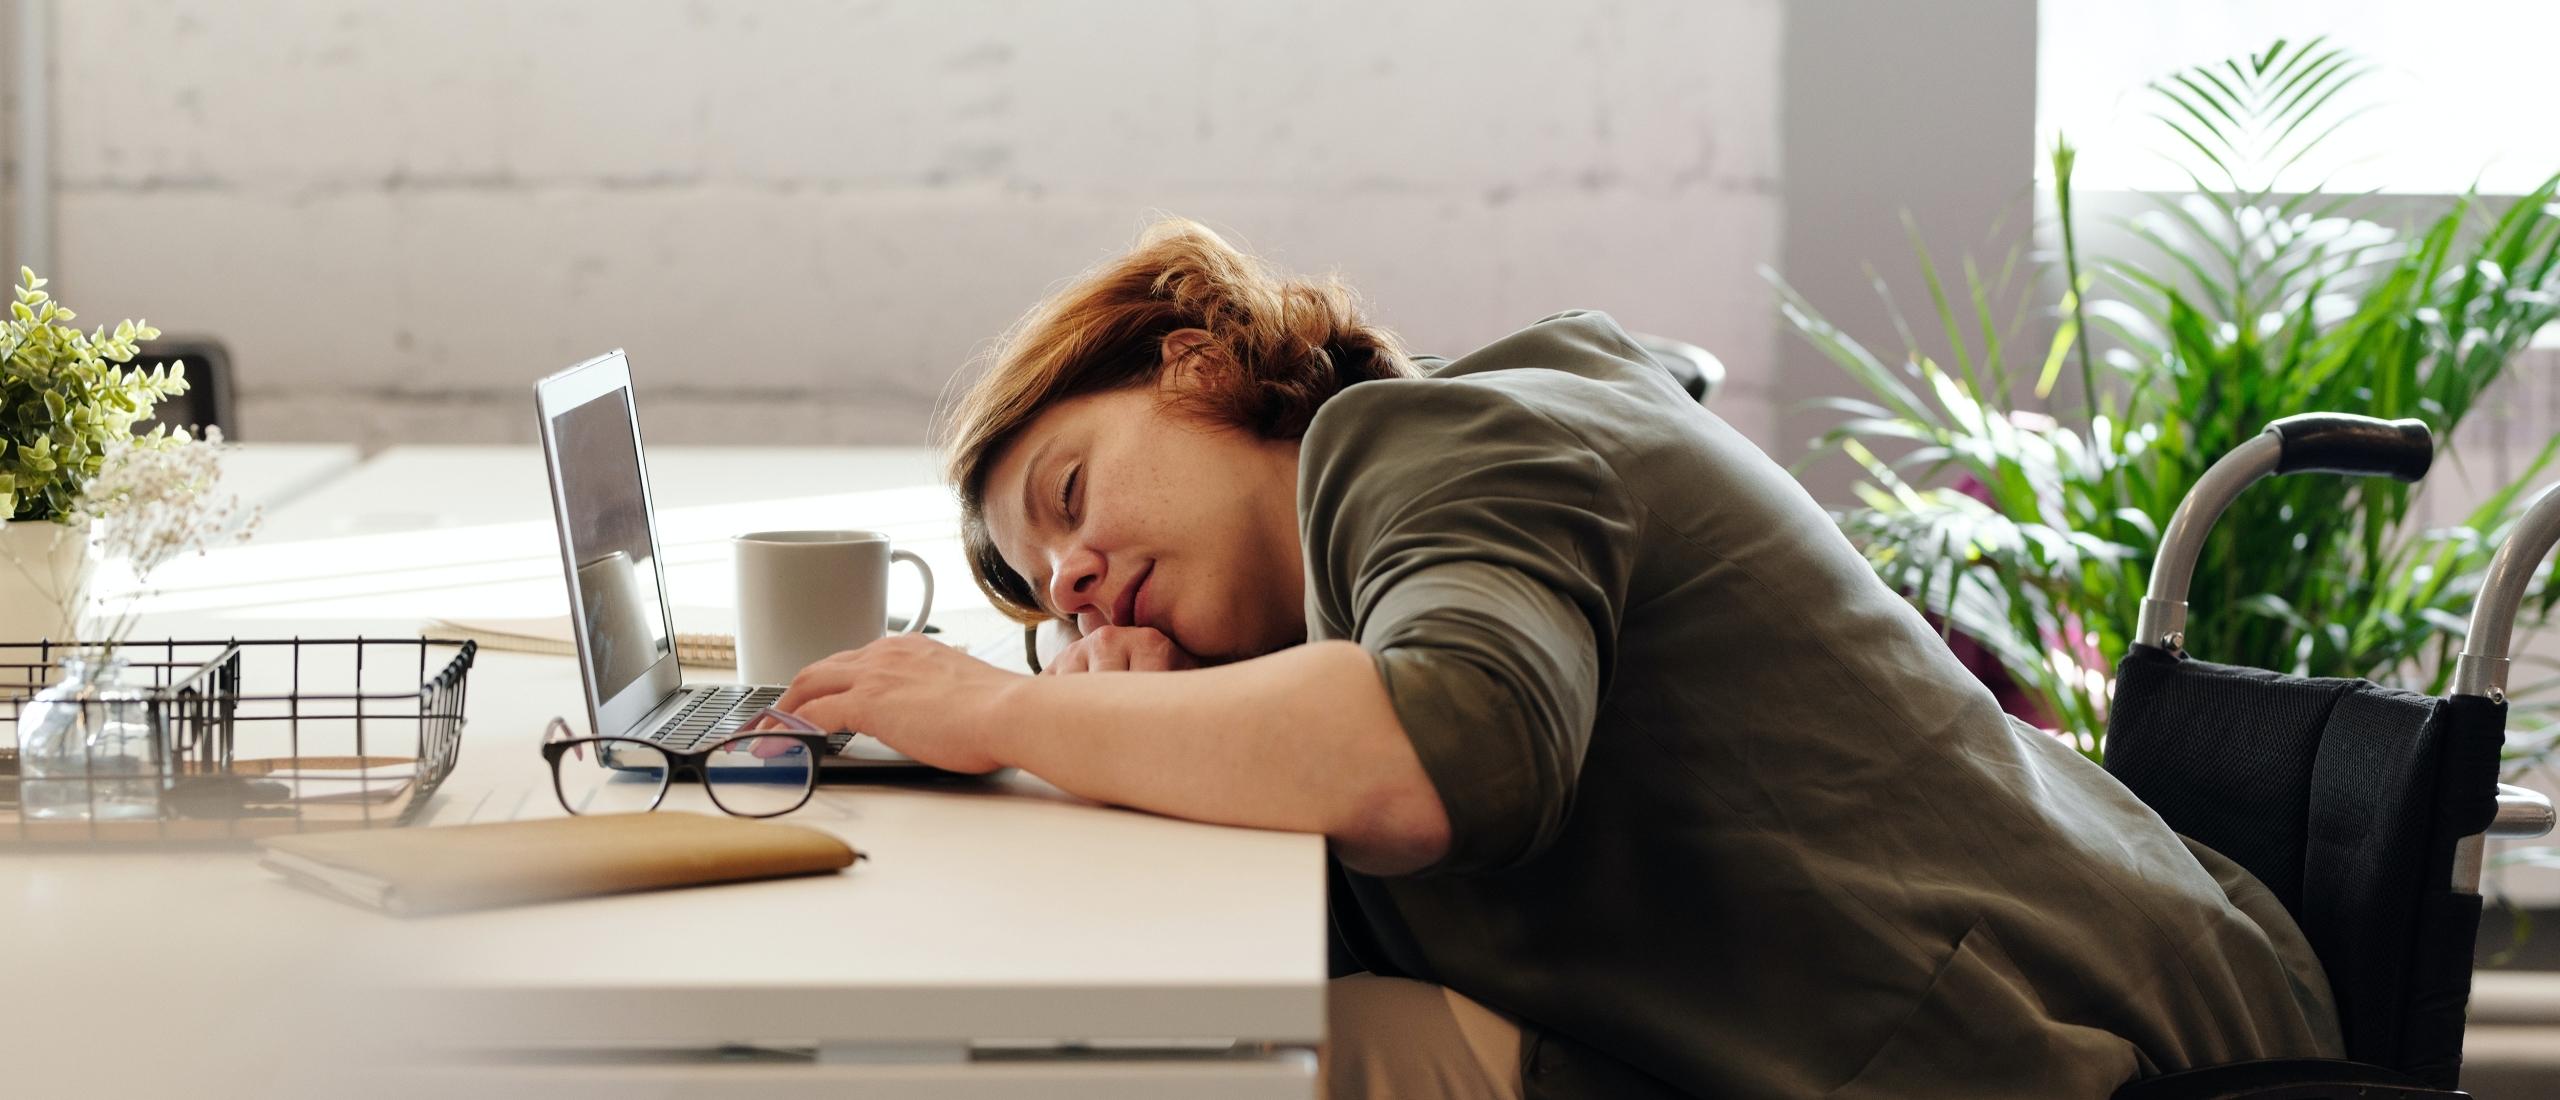 Schermgebruik en slaapgebrek